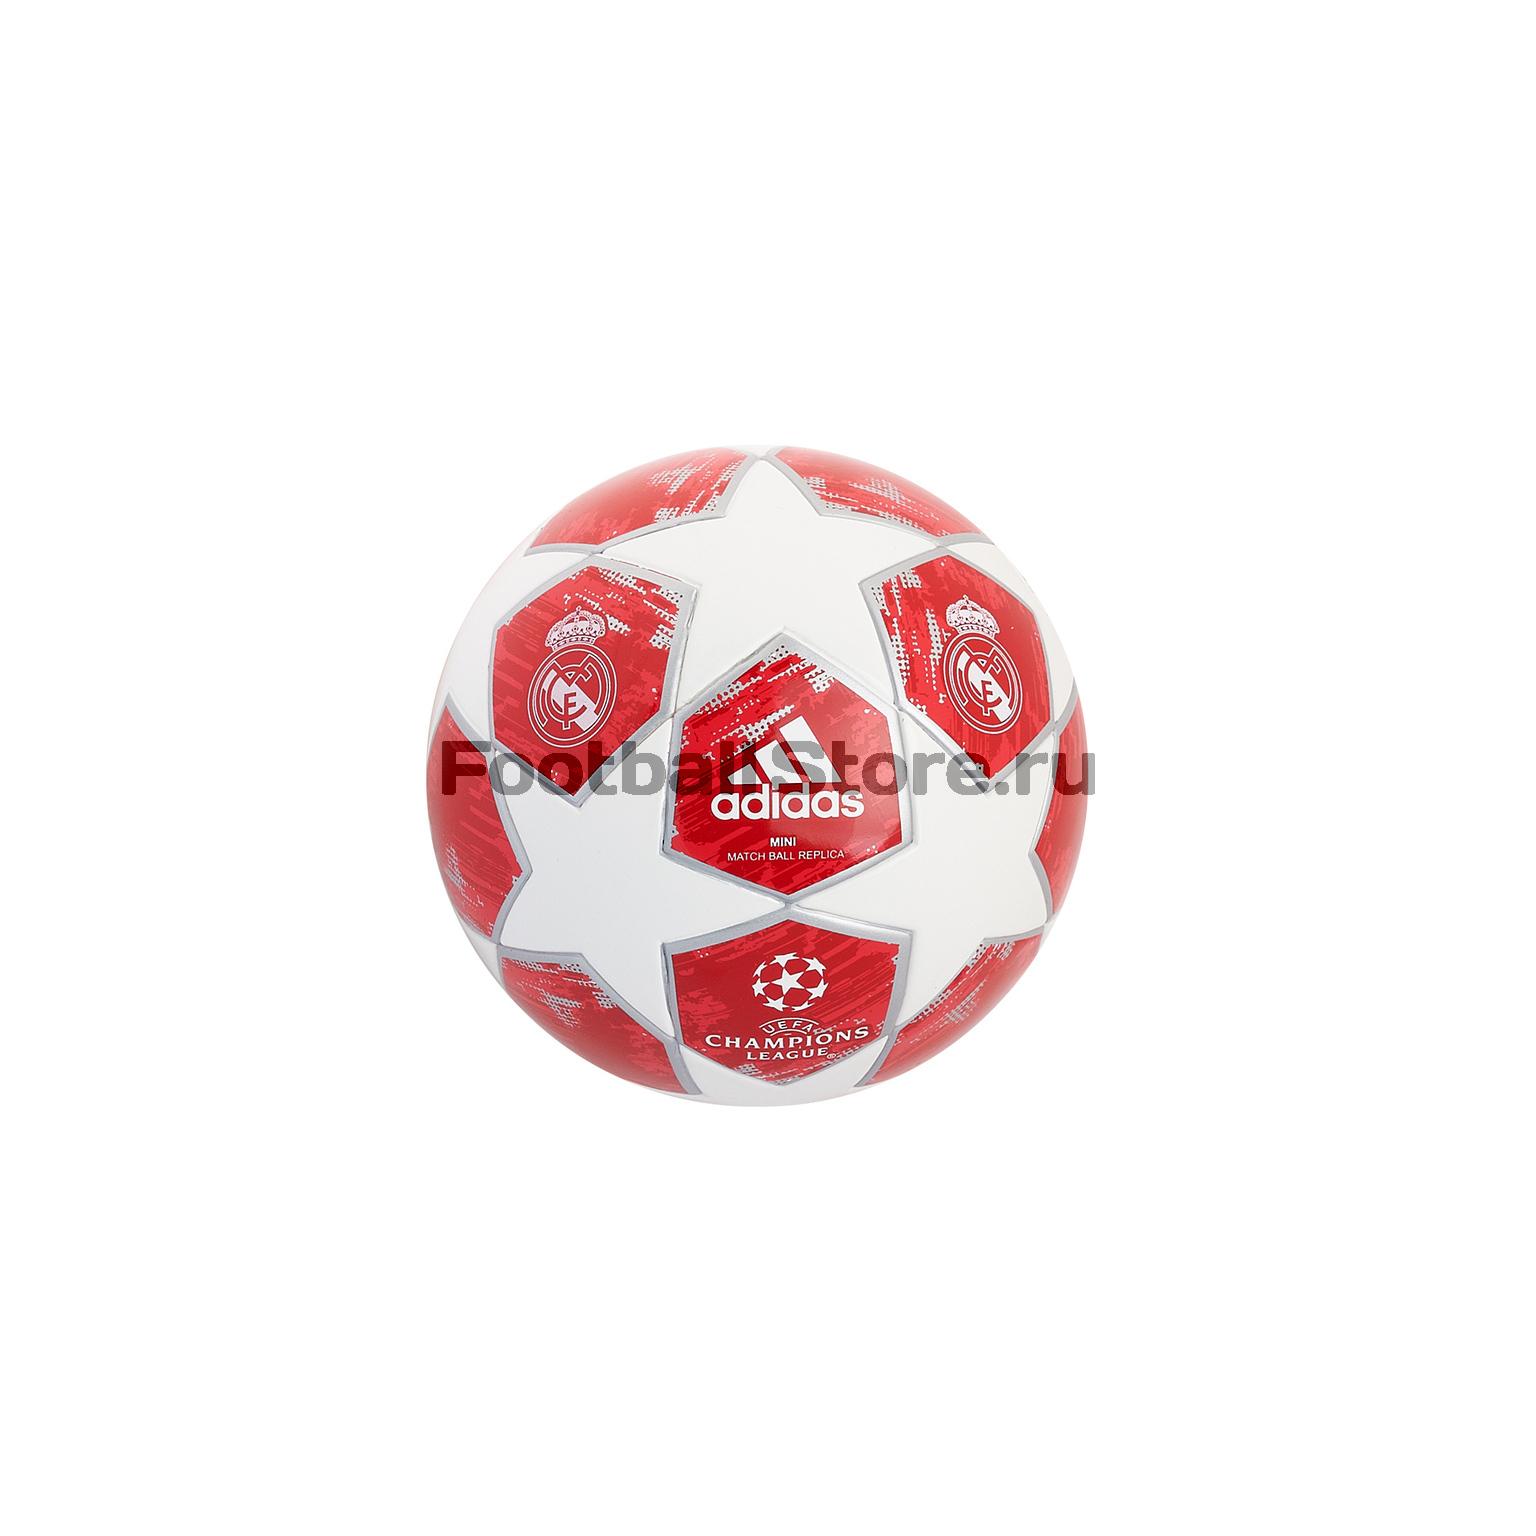 Мяч сувенирный Adidas Real Madrid CW4137 mutua madrid open pass